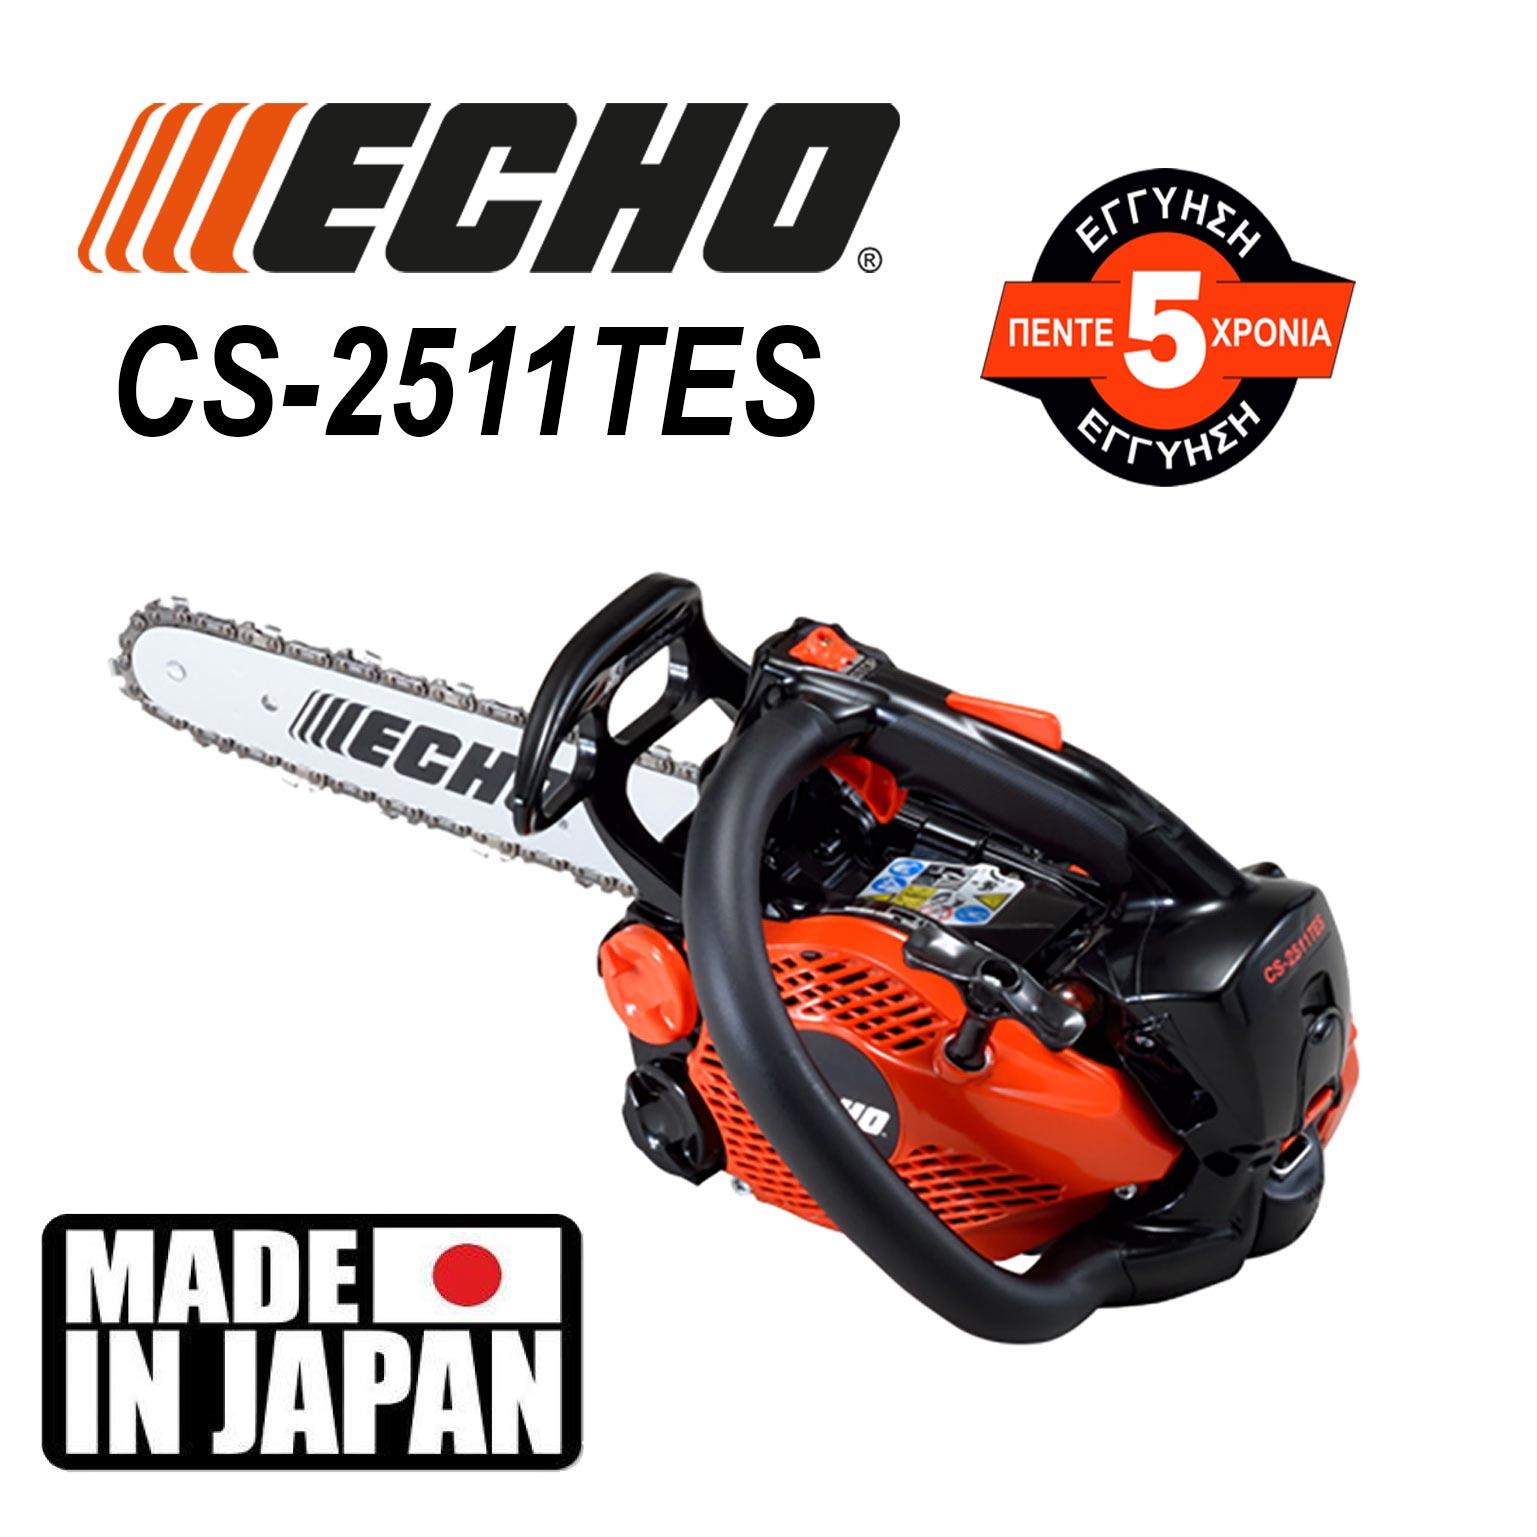 CHAINSAW Echo CS-2511 TES 30CM CHAINSAWS